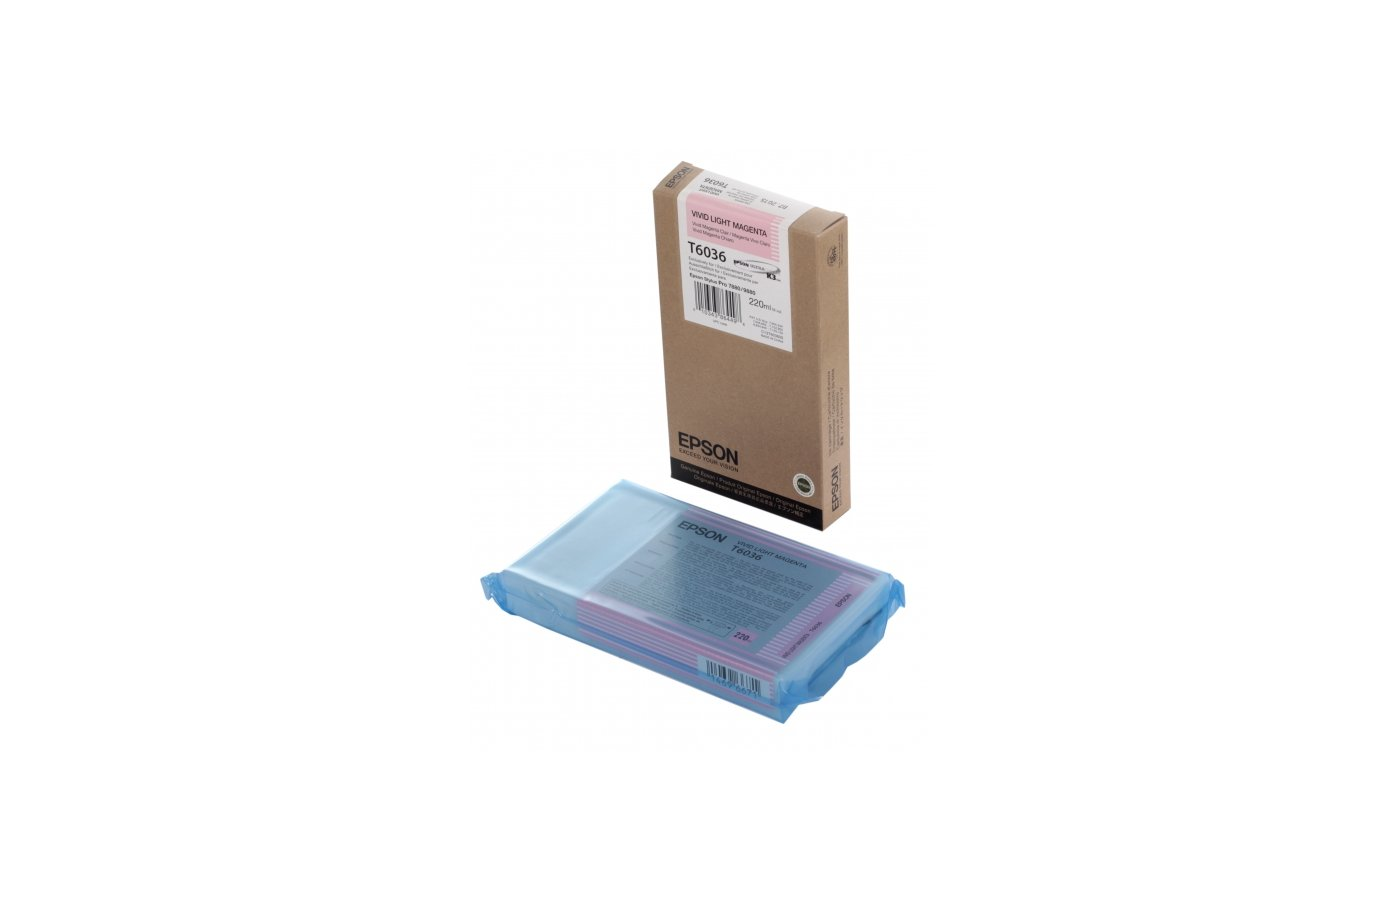 Картридж струйный Epson C13T603600 lt.magenta для Stylus Pro 7880/9880 (220ml) (Vivid LM)